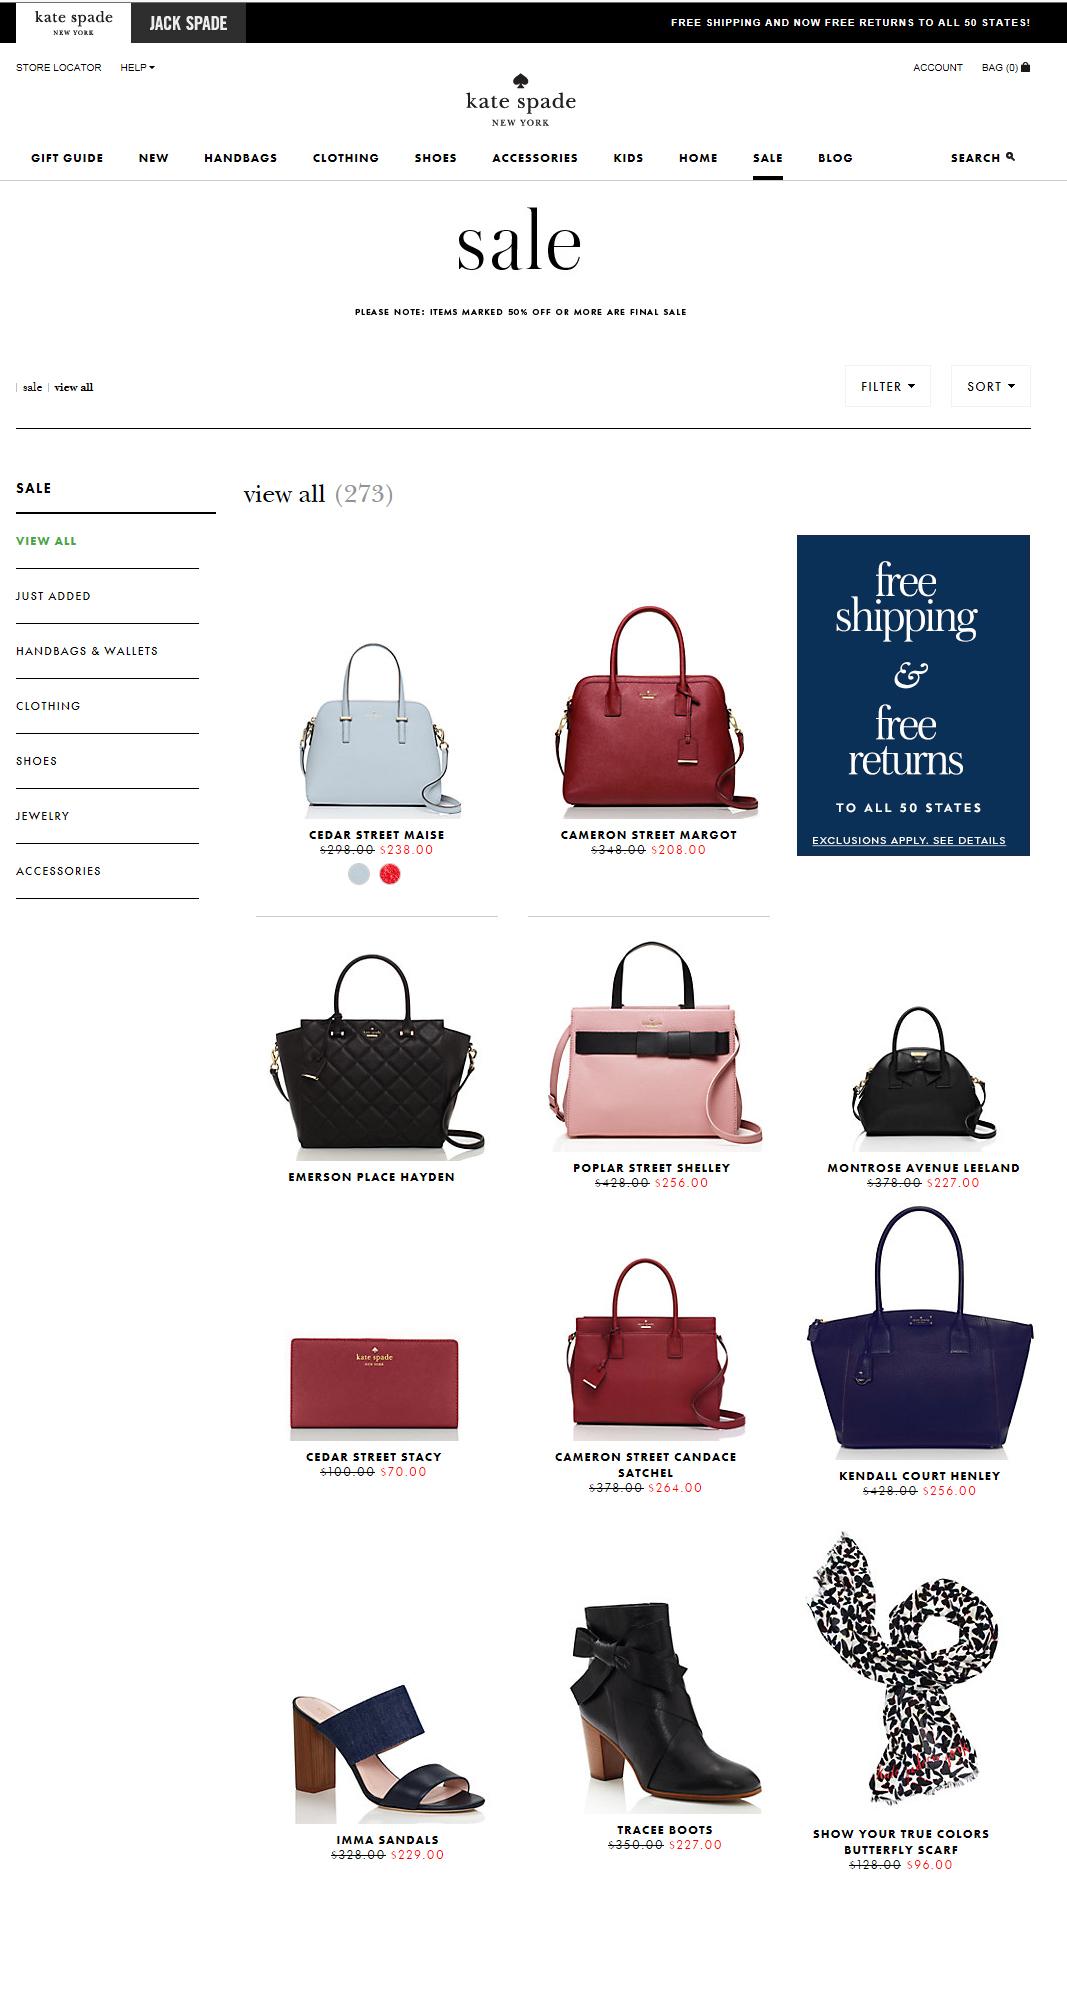 케이트 스페이드 뉴욕 세일 제품들 최대 50% 할인